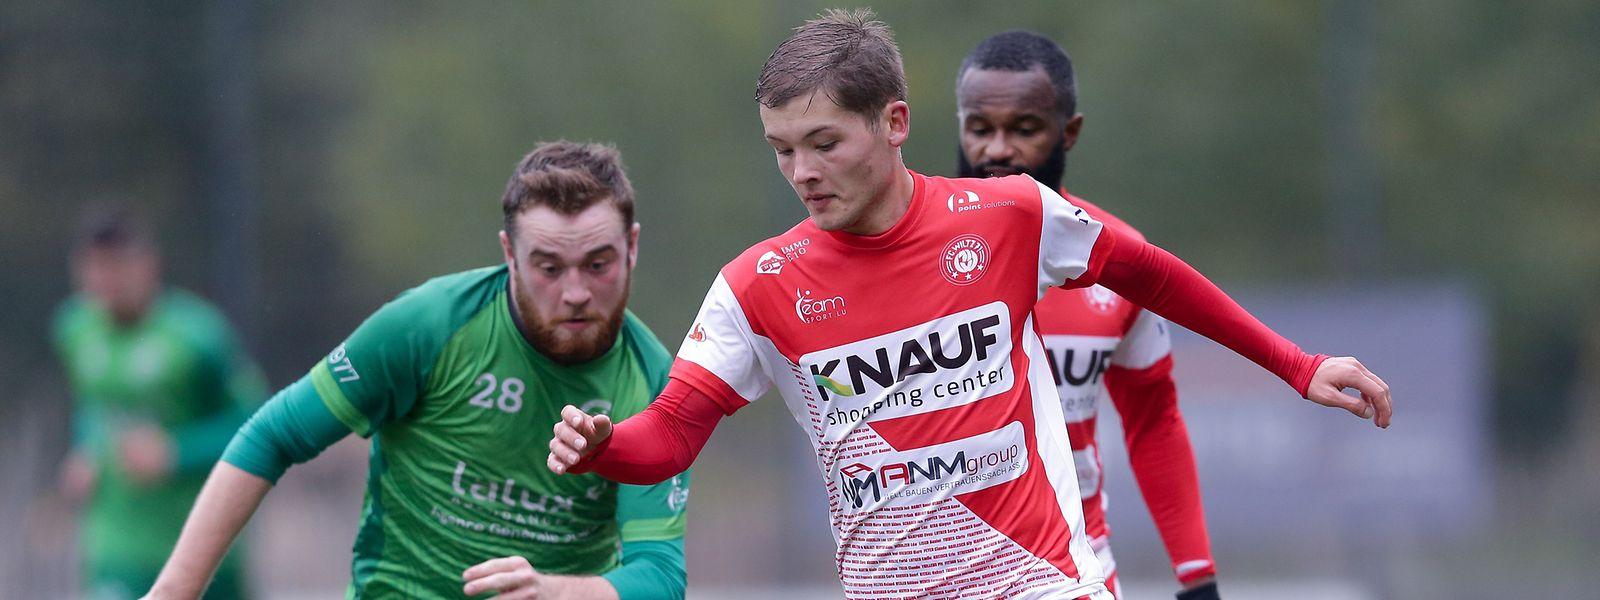 Christophe Schroeder, hier im Zweikampf mit Harlingens Joe Peiffer (l.), ist in der BGL Ligue für den FC Wiltz am Ball.